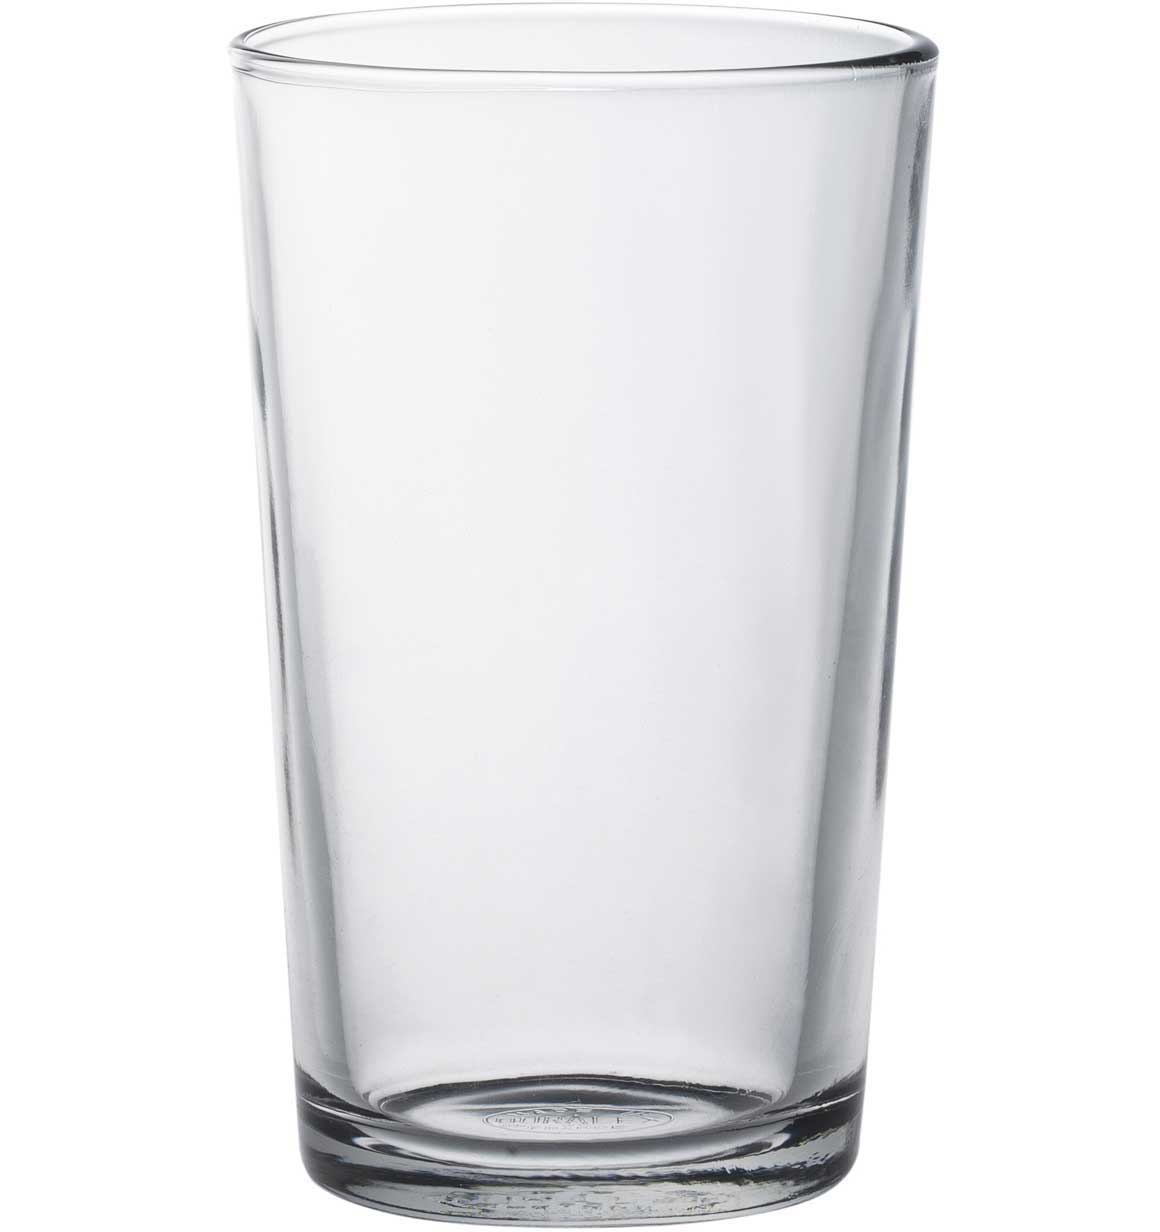 Chope Unie water glass by Duralex